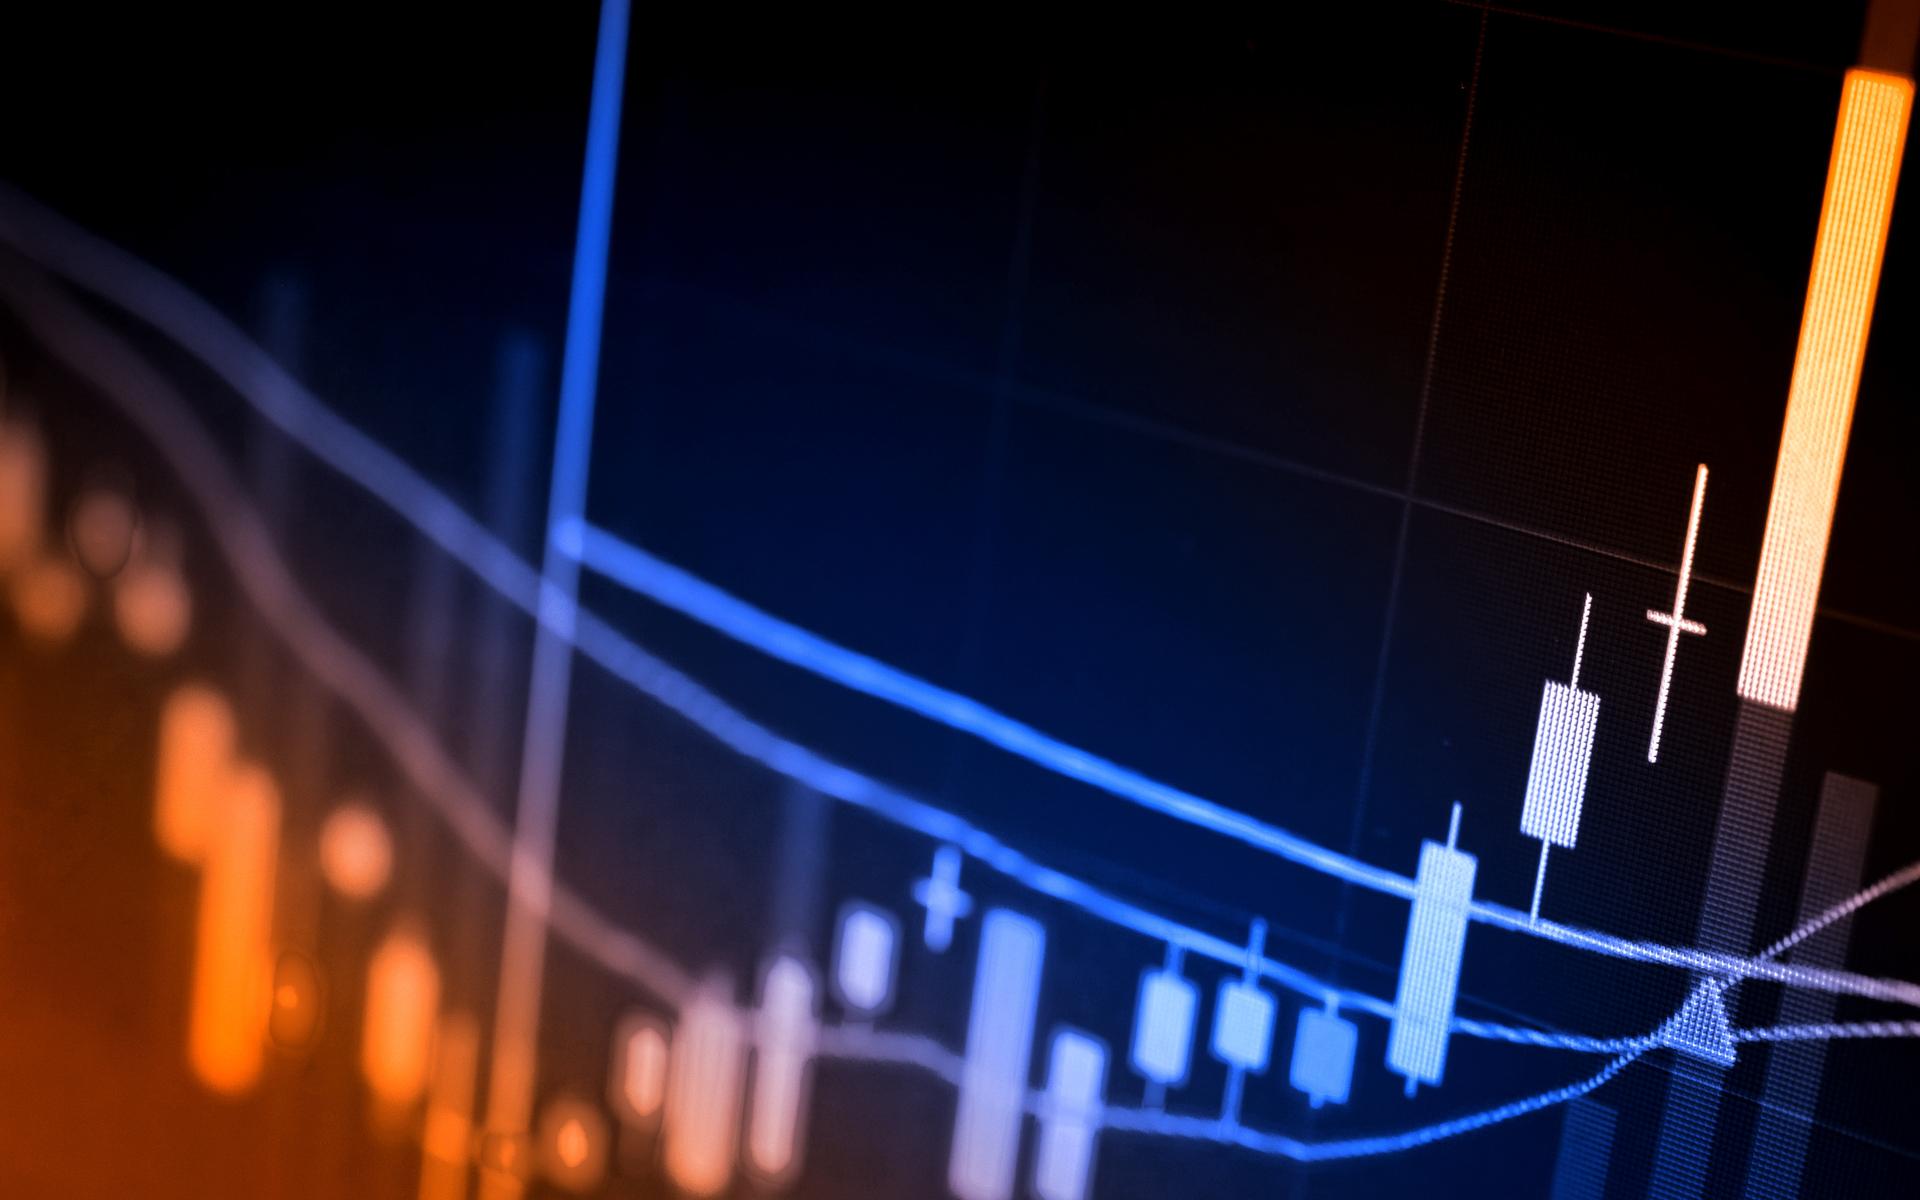 litecoin price trading